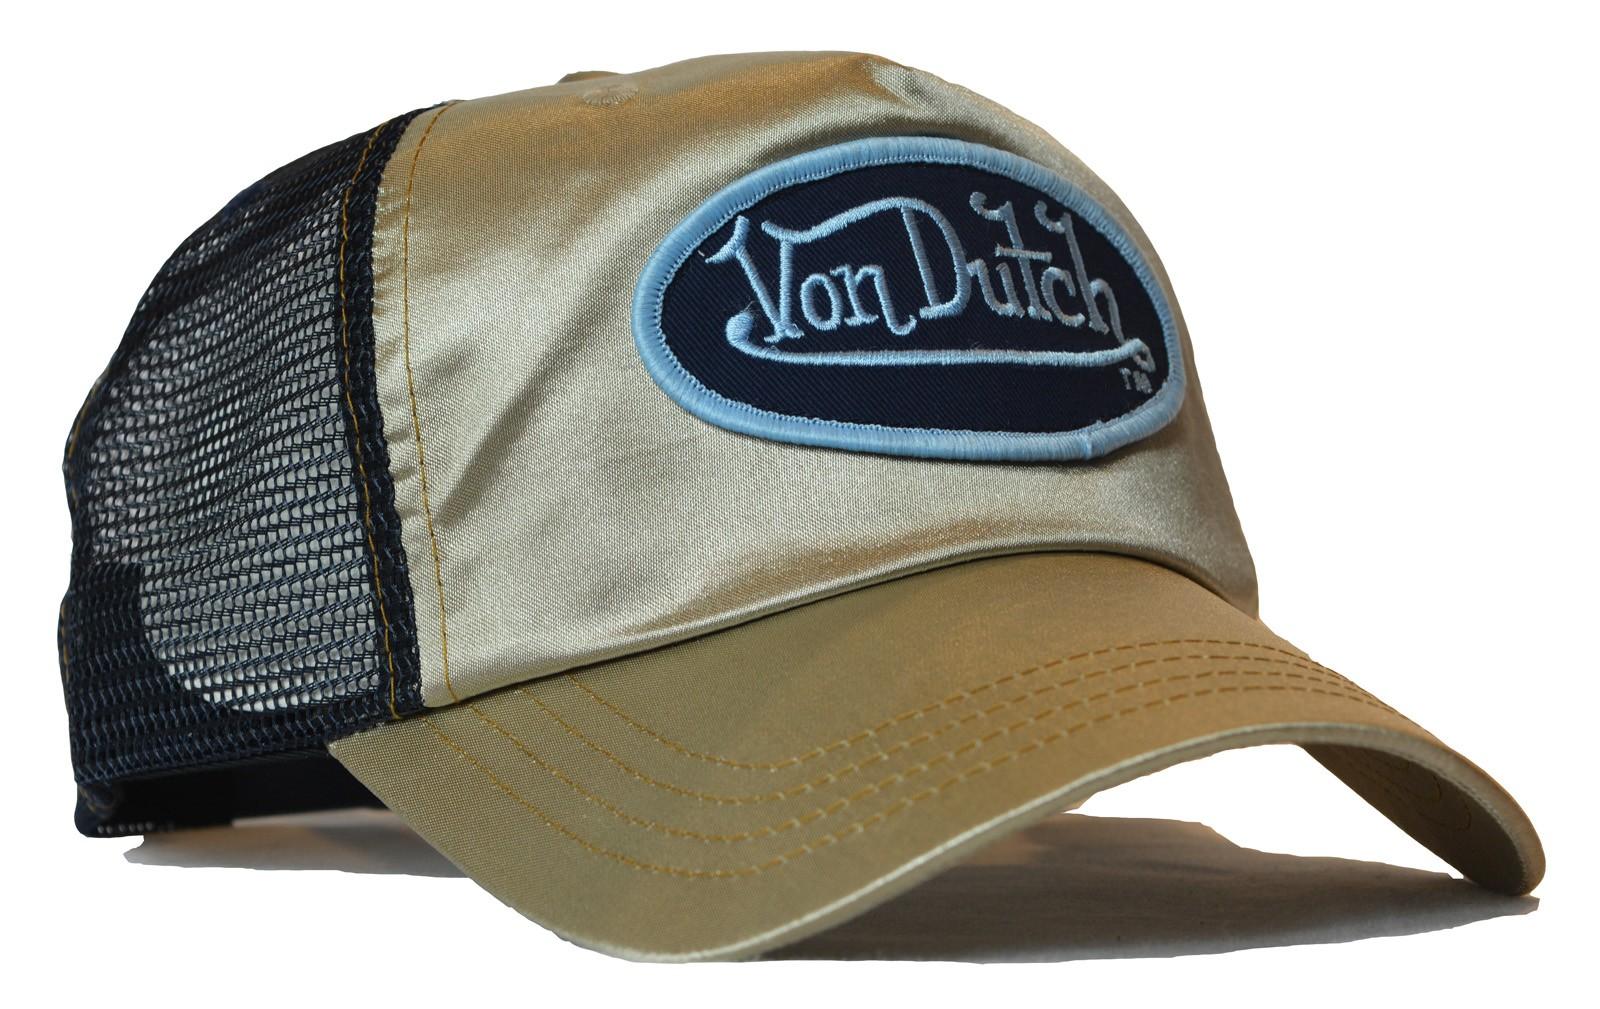 Von Dutch - Satin Gold/Black Mesh Trucker Cap